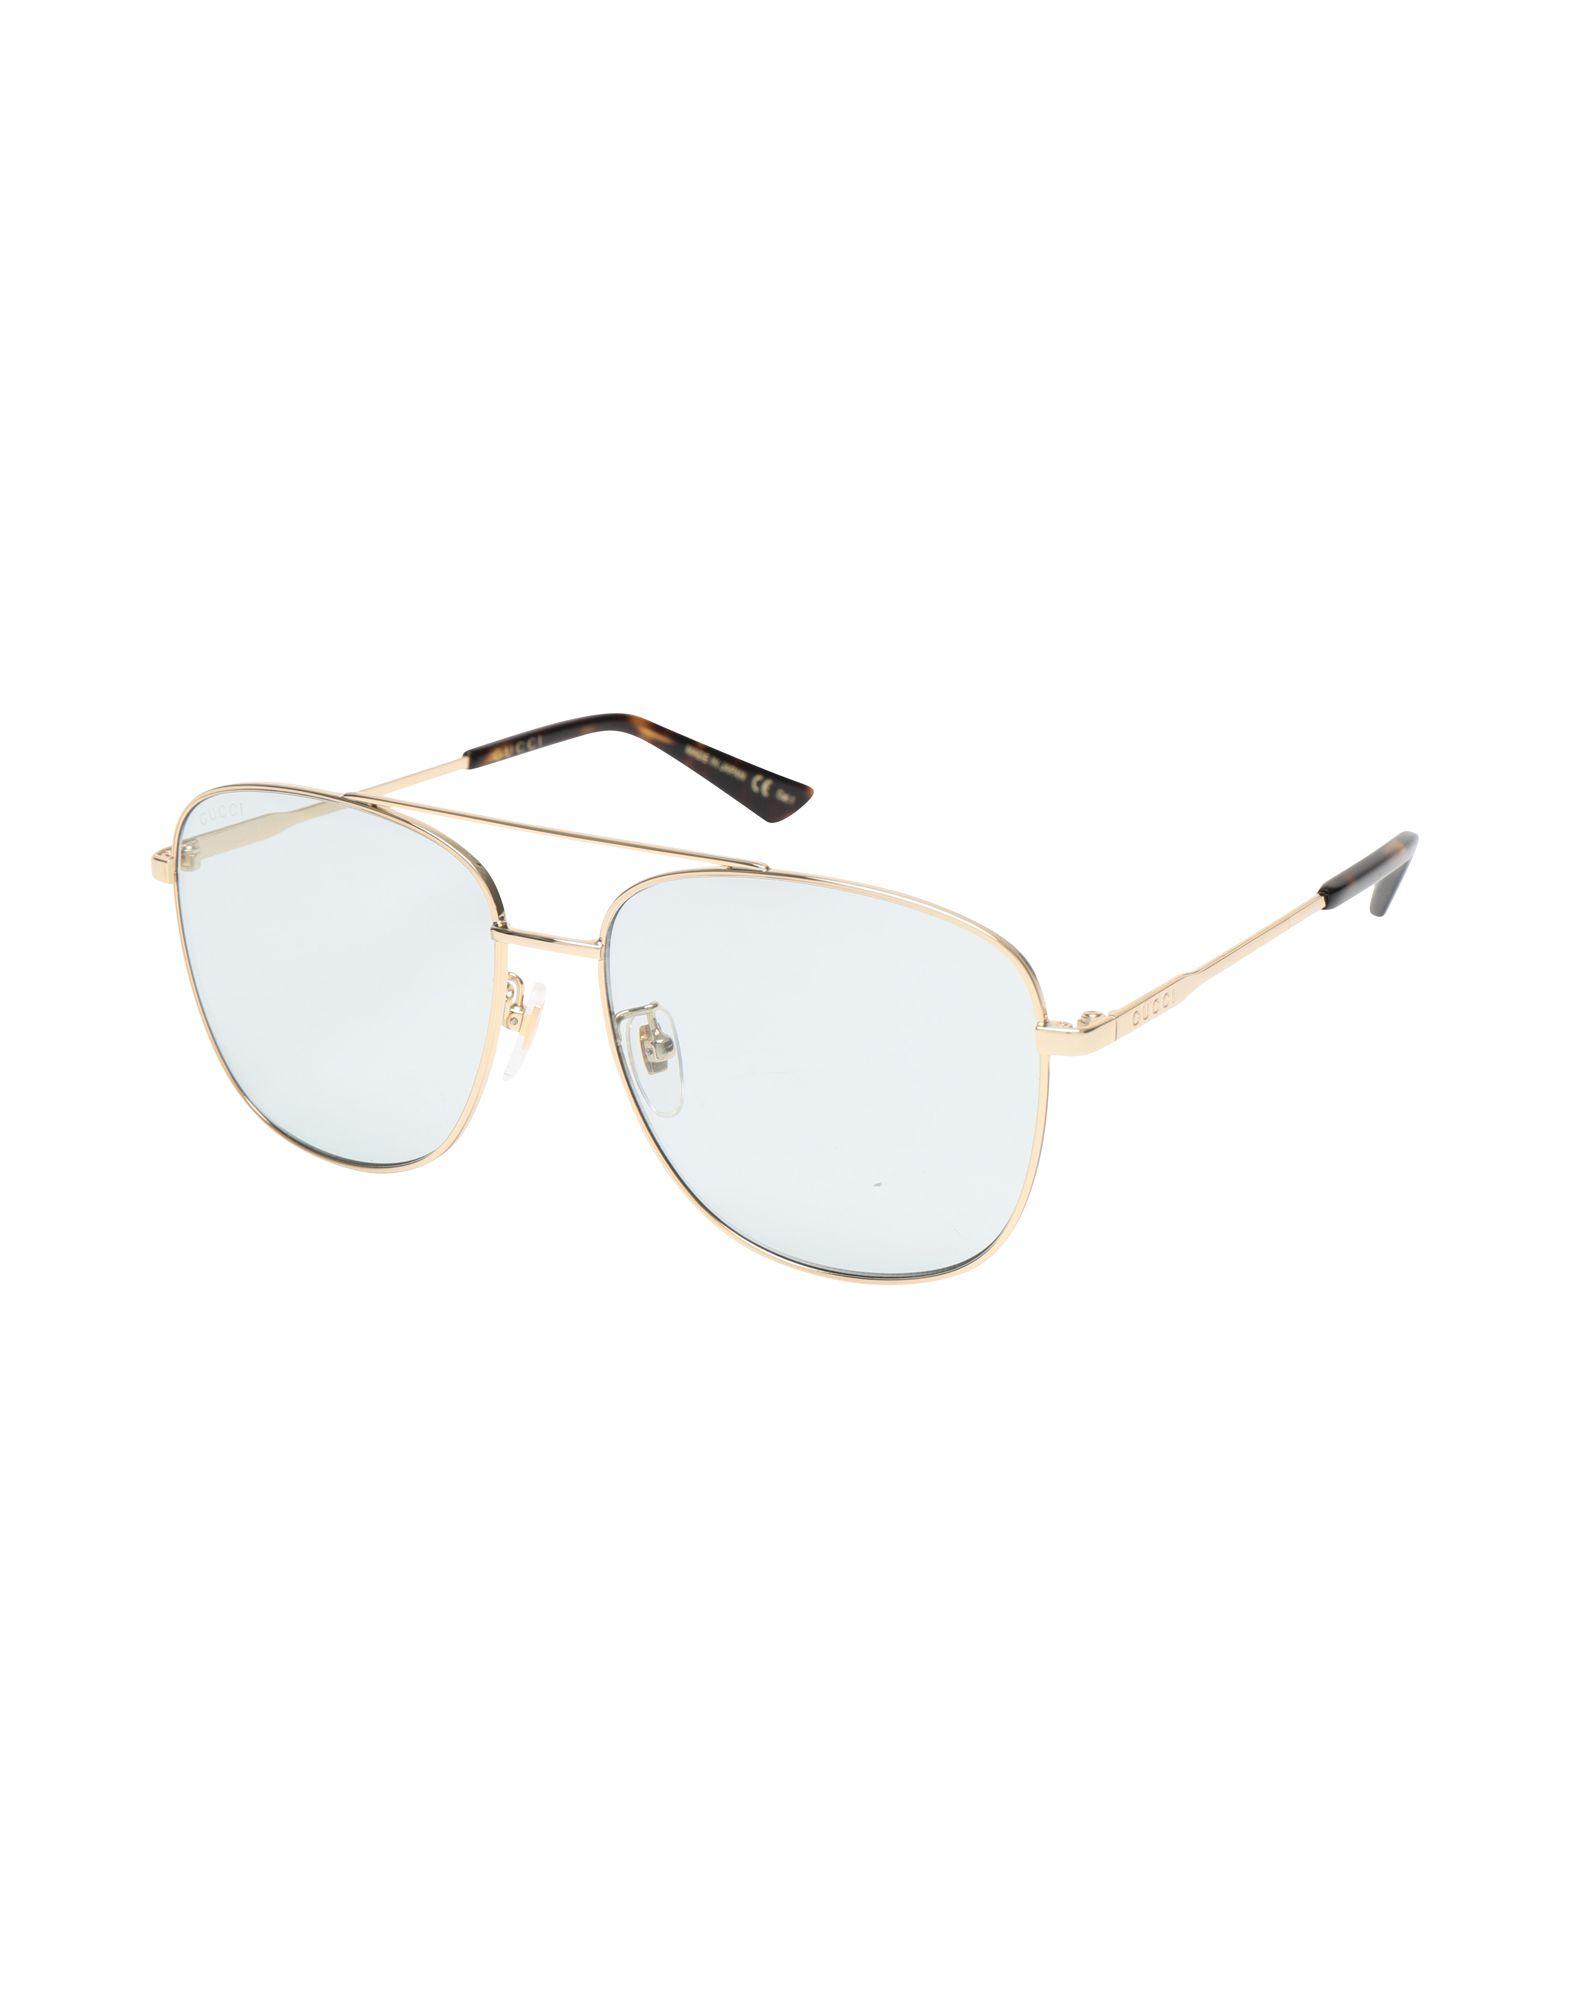 1a2259b4a83 Gucci Gg0410sk-005 - Sunglasses - Men Gucci Sunglasses online on ...